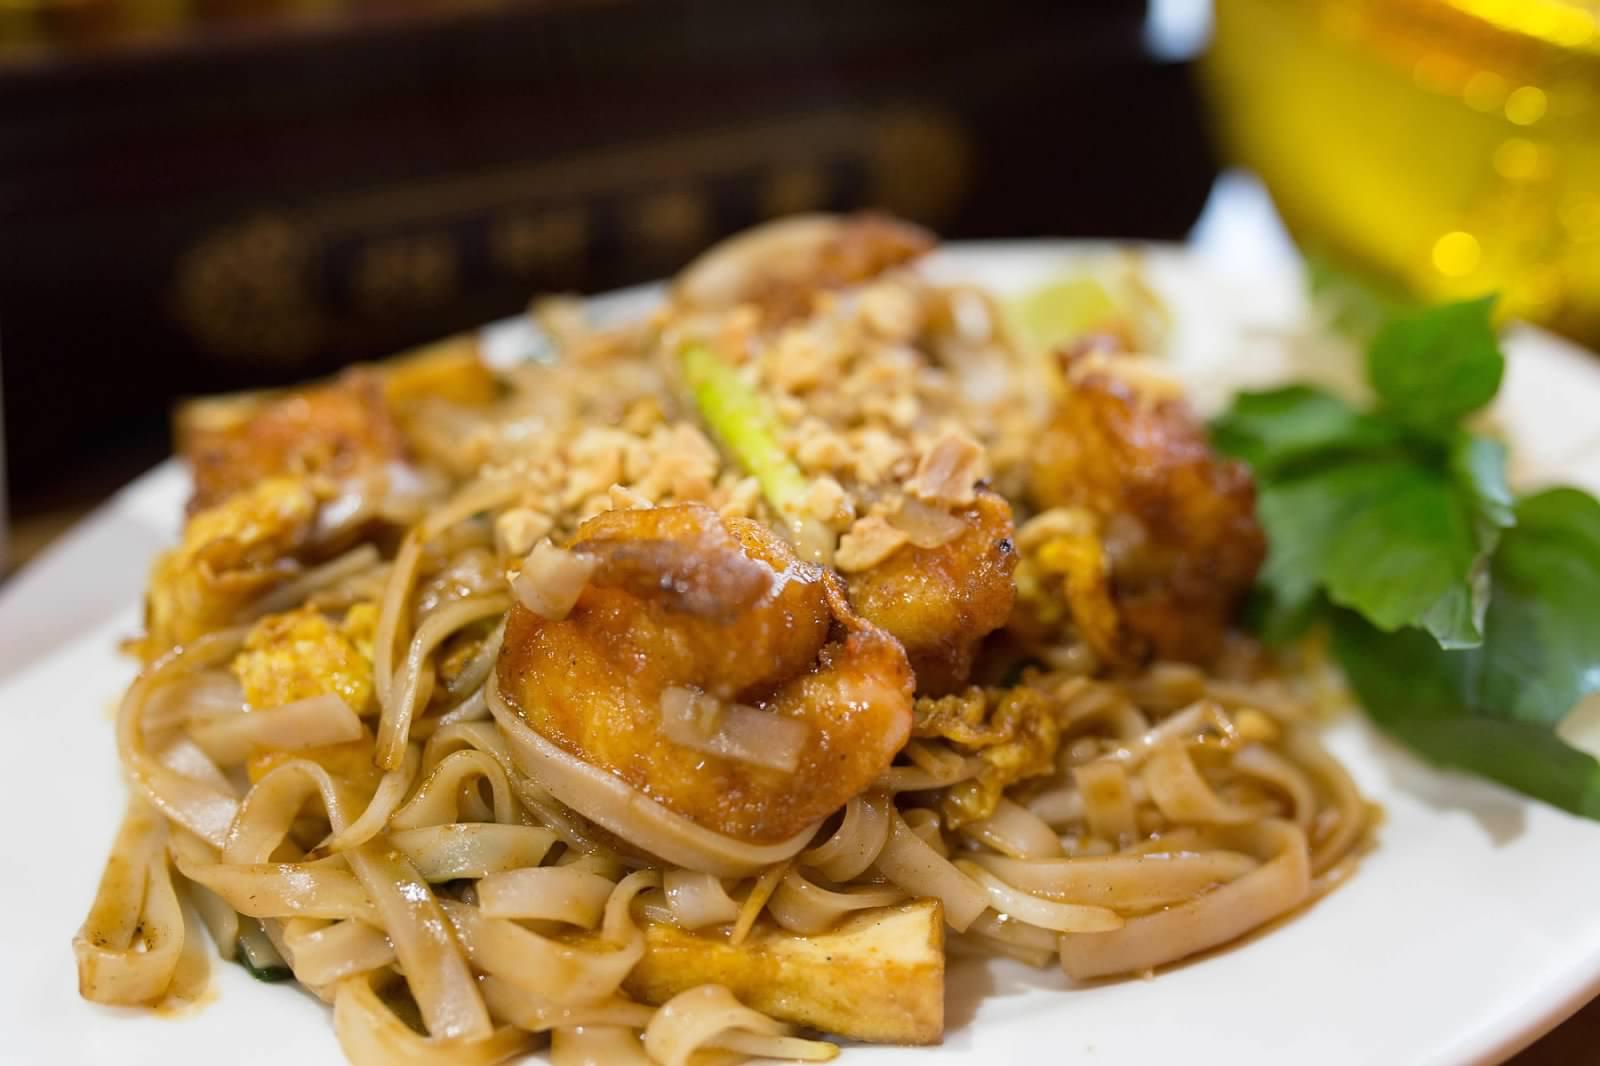 Thai 2. Pai Thai